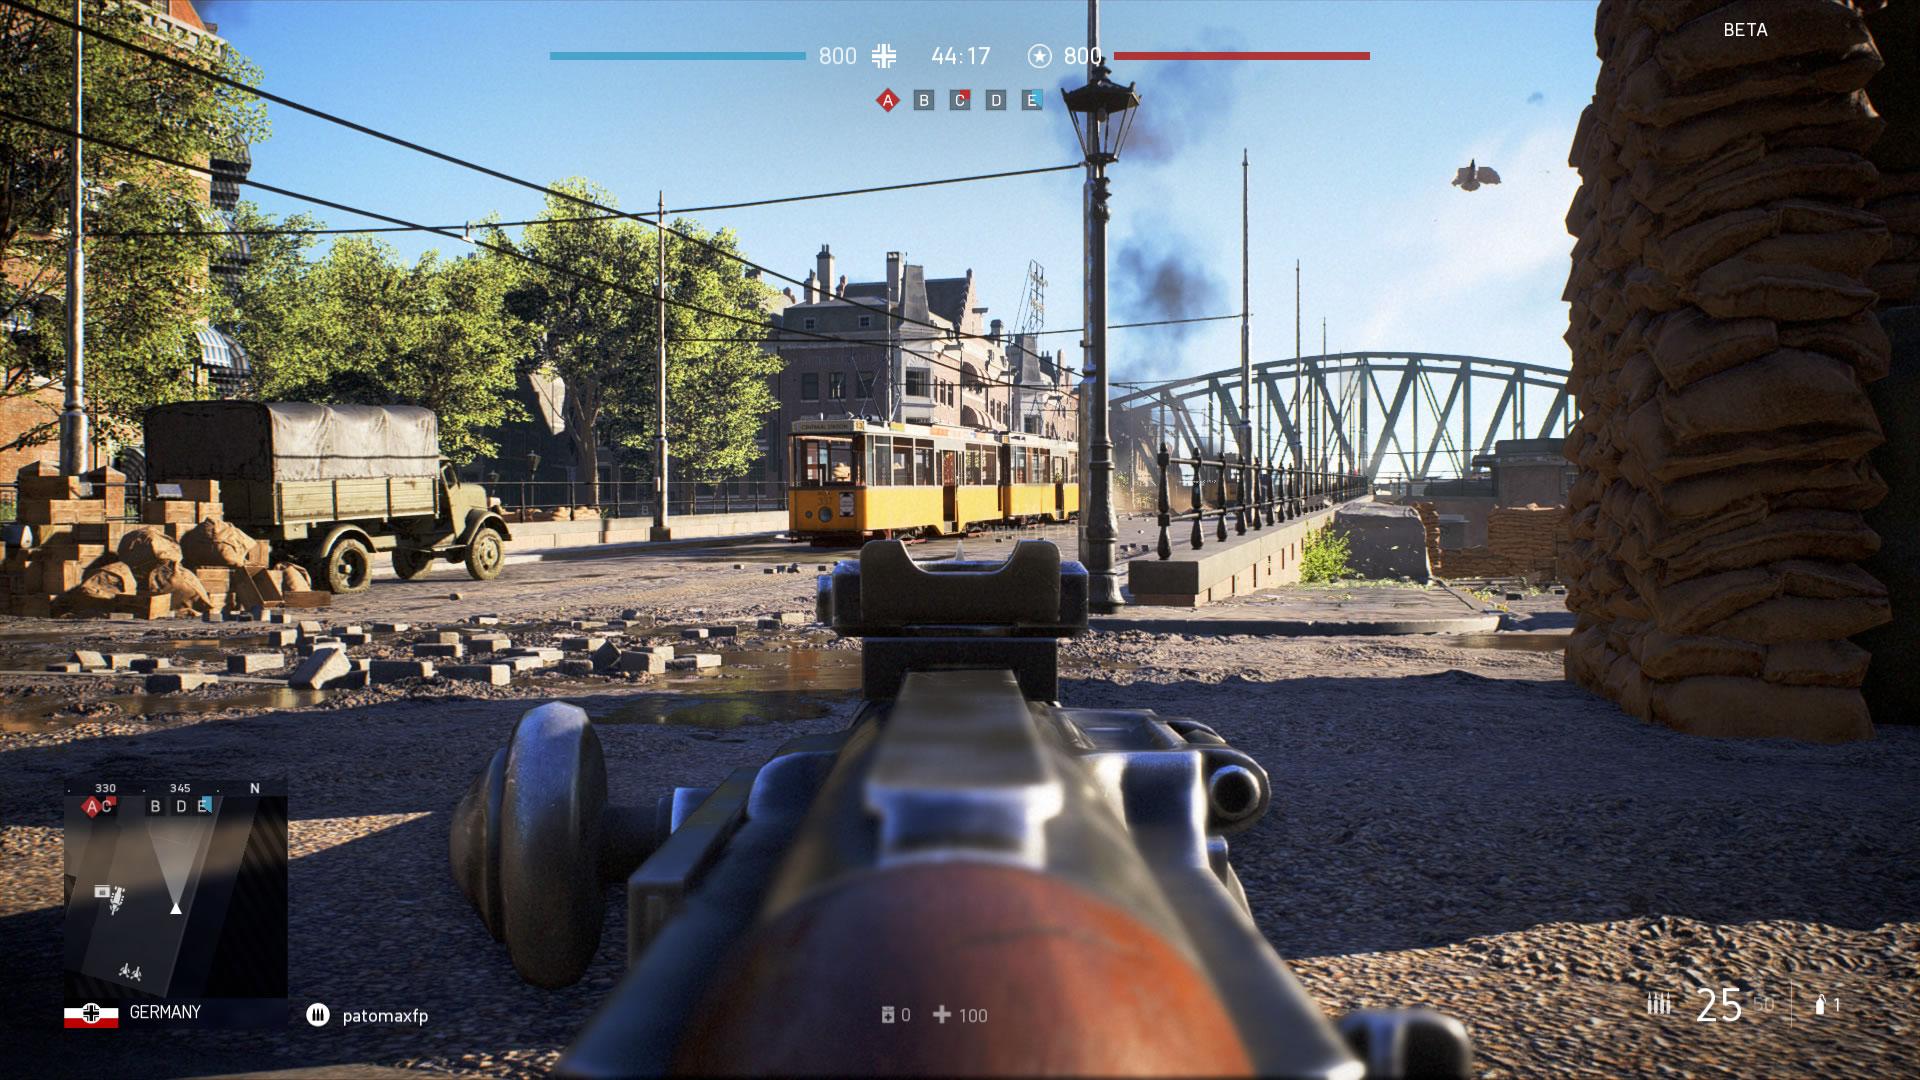 Algunas impresiones rápidas de la beta de Battlefield V